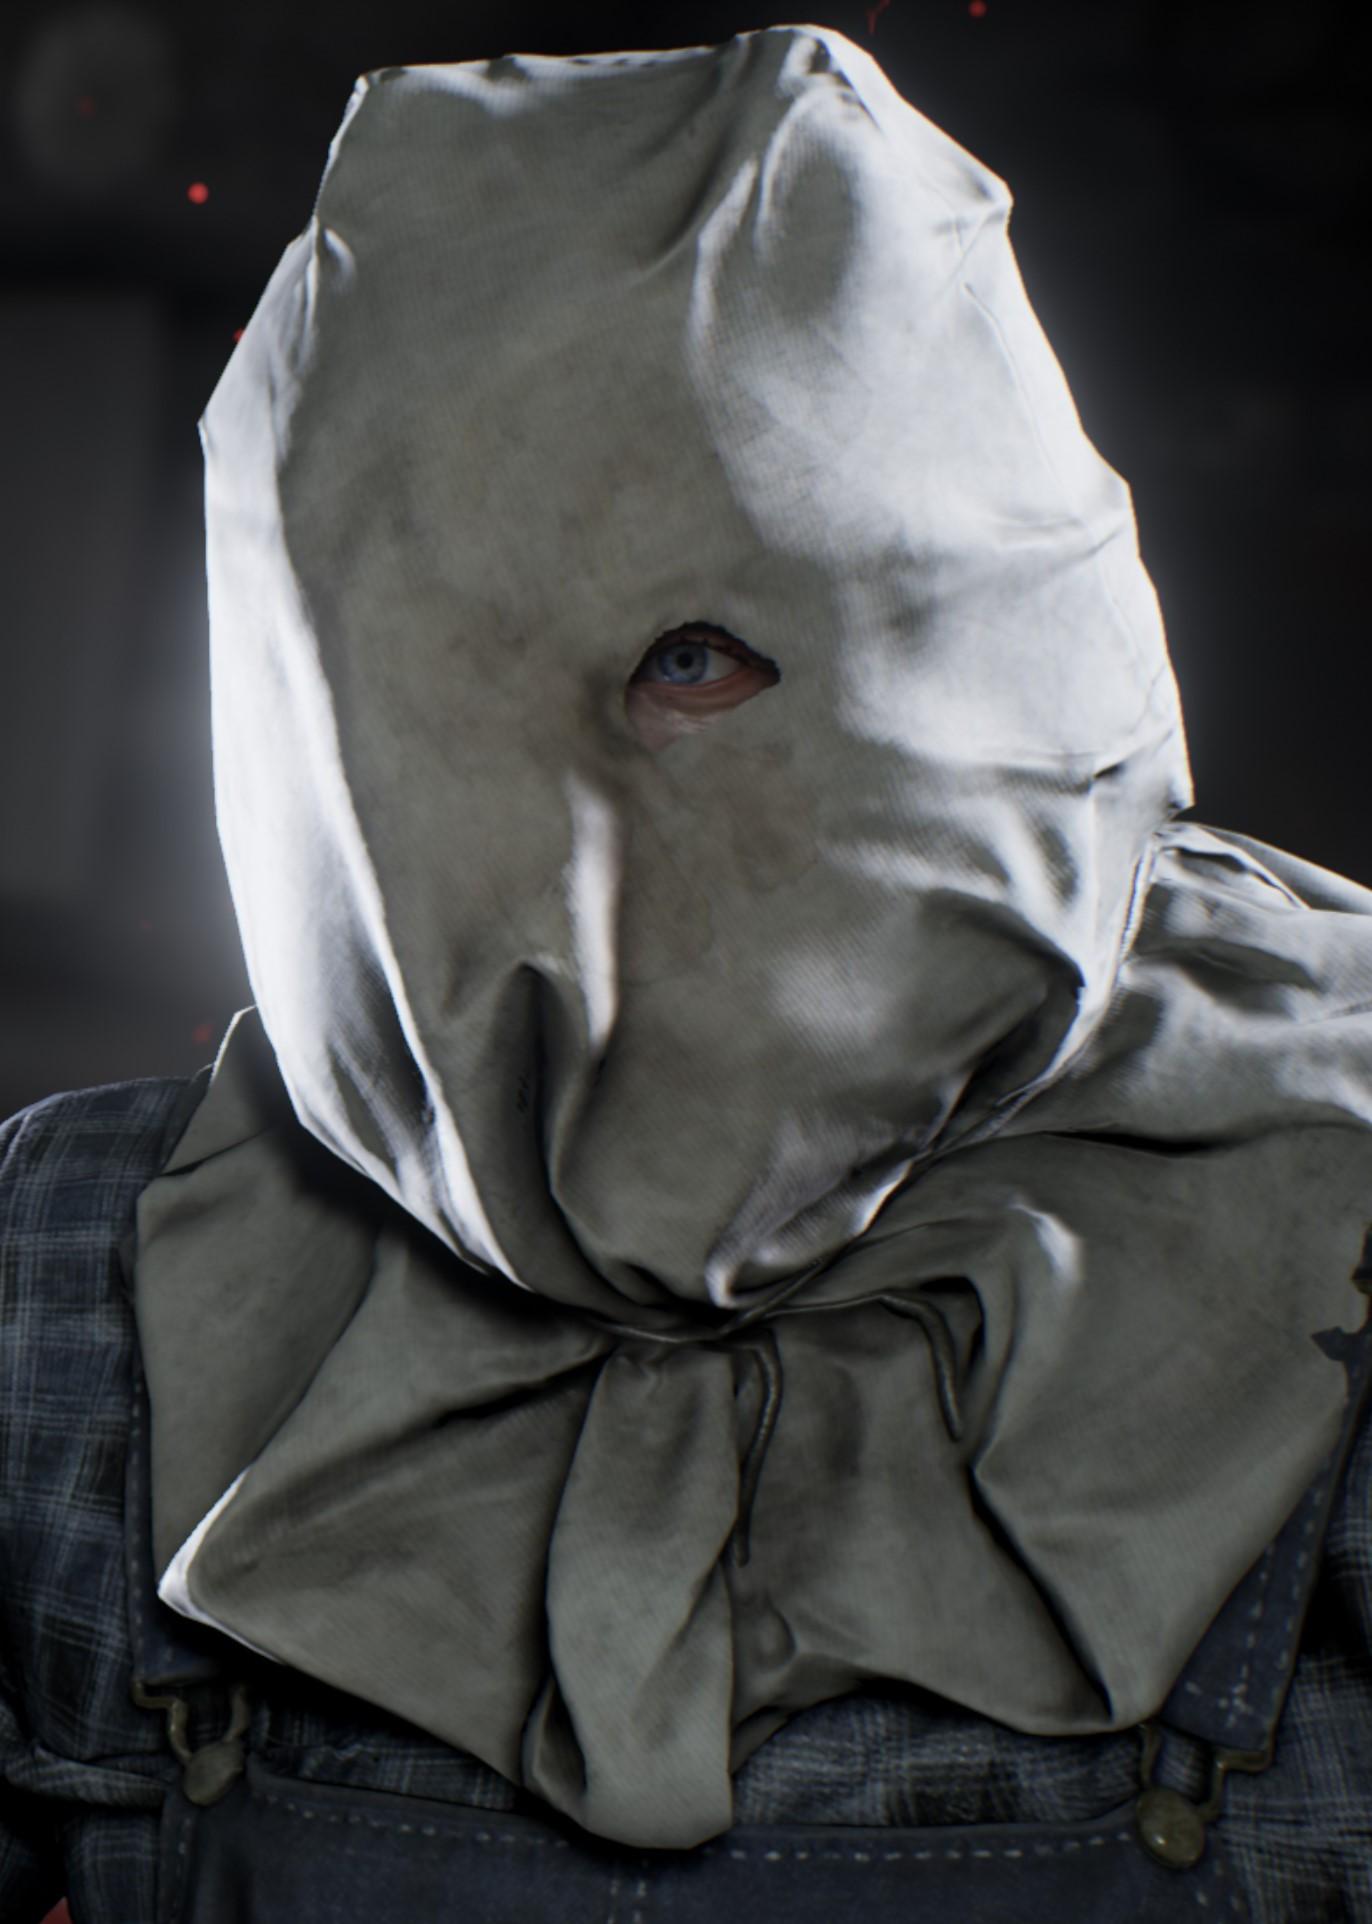 Jason Voorhees (video game)